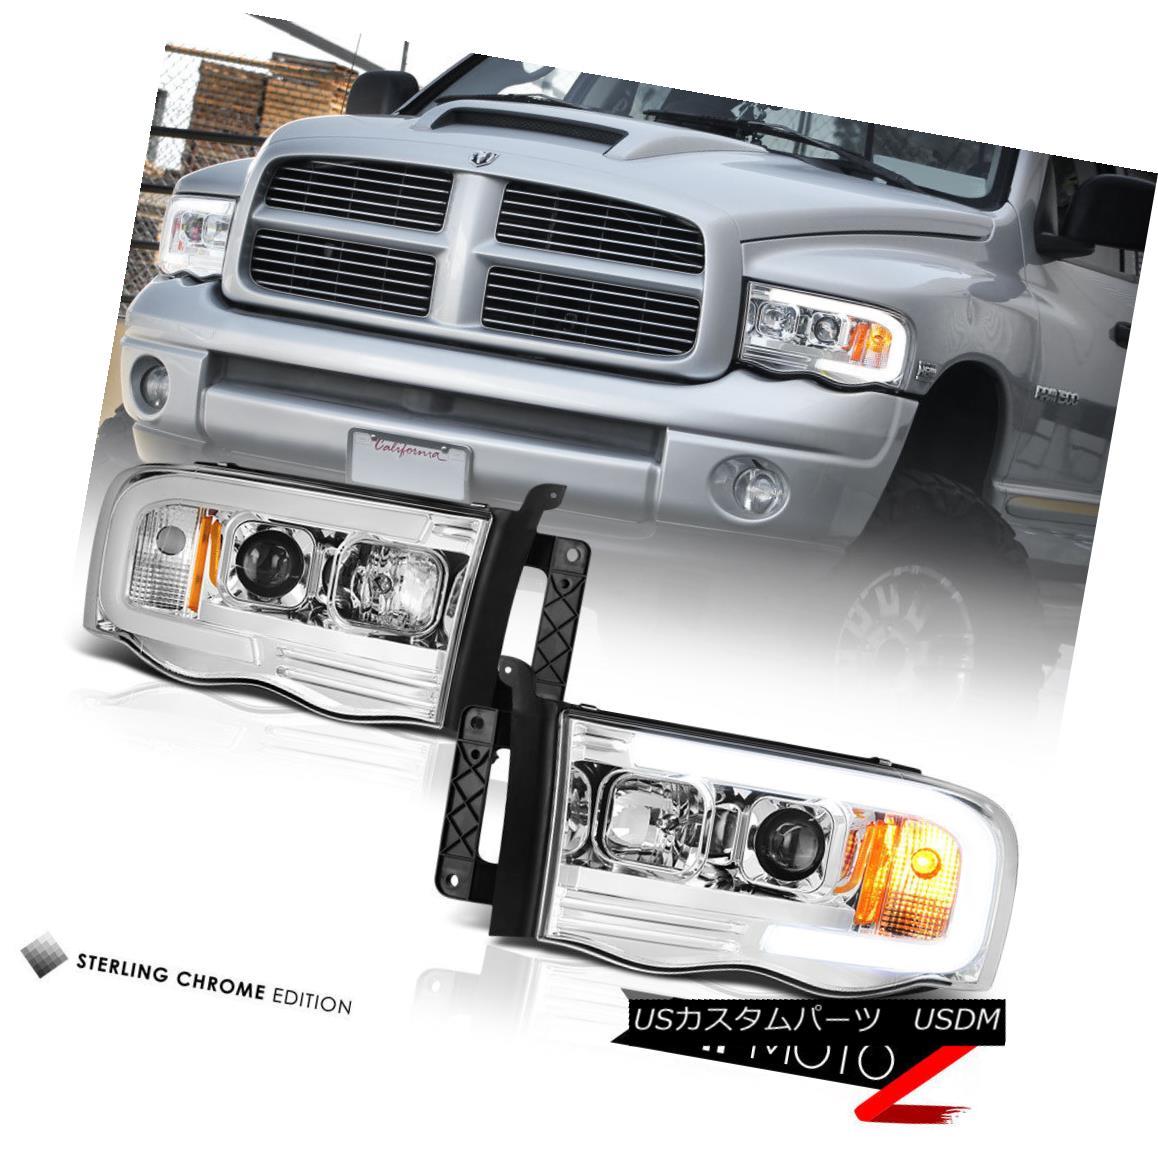 ヘッドライト 02-05 Dodge RAM Pickup 1500 2500 3500 LED Bar Neon DRL Tube Projector Headlight 02-05ダッジRAMピックアップ1500 2500 3500 LEDバーネオンDRLチューブプロジェクターヘッドライト